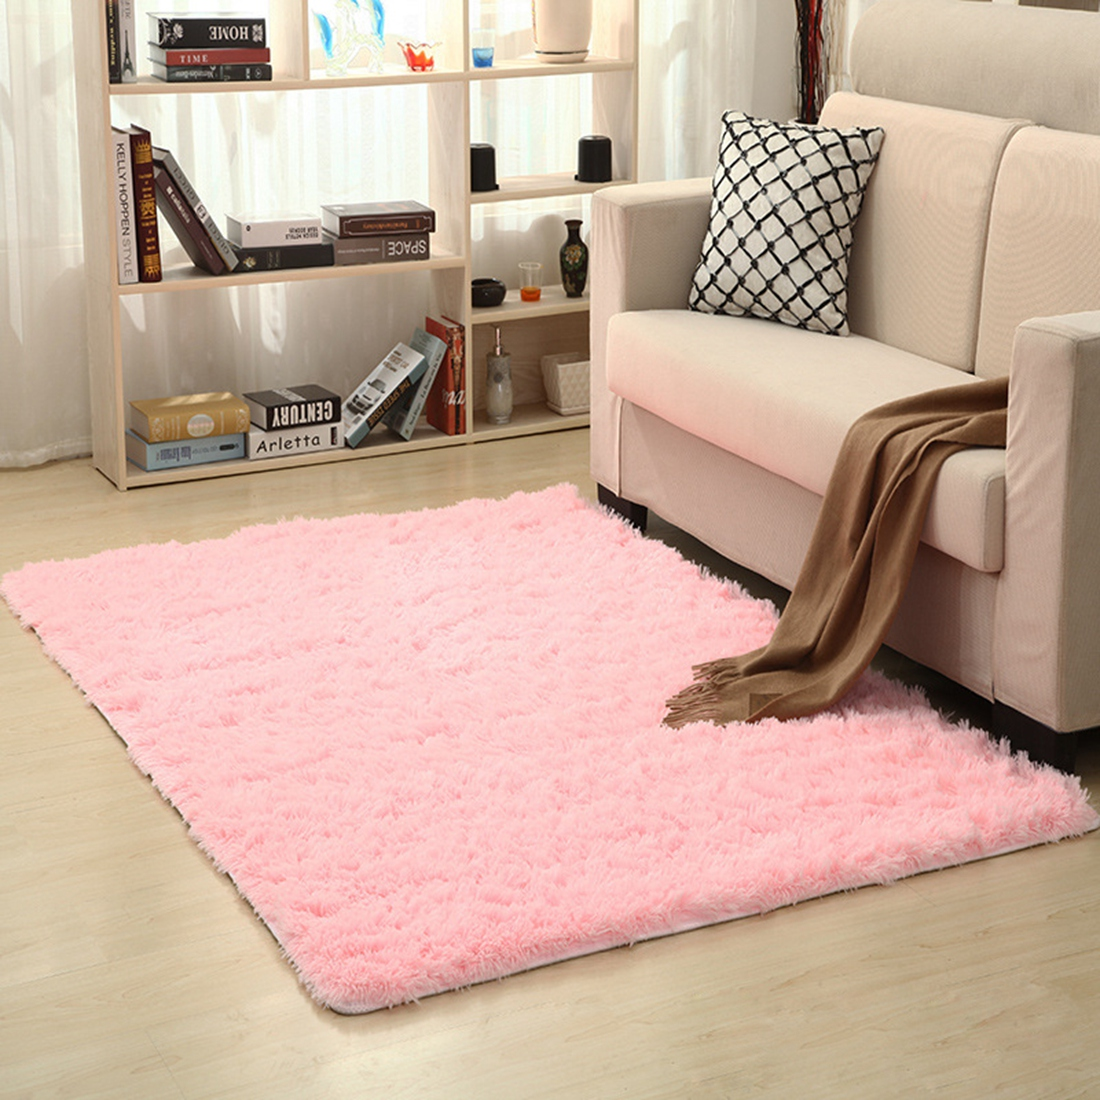 Carpet For Bedroom: Plush Carpet For Living Room Bedroom Mat Non Slip Carpet